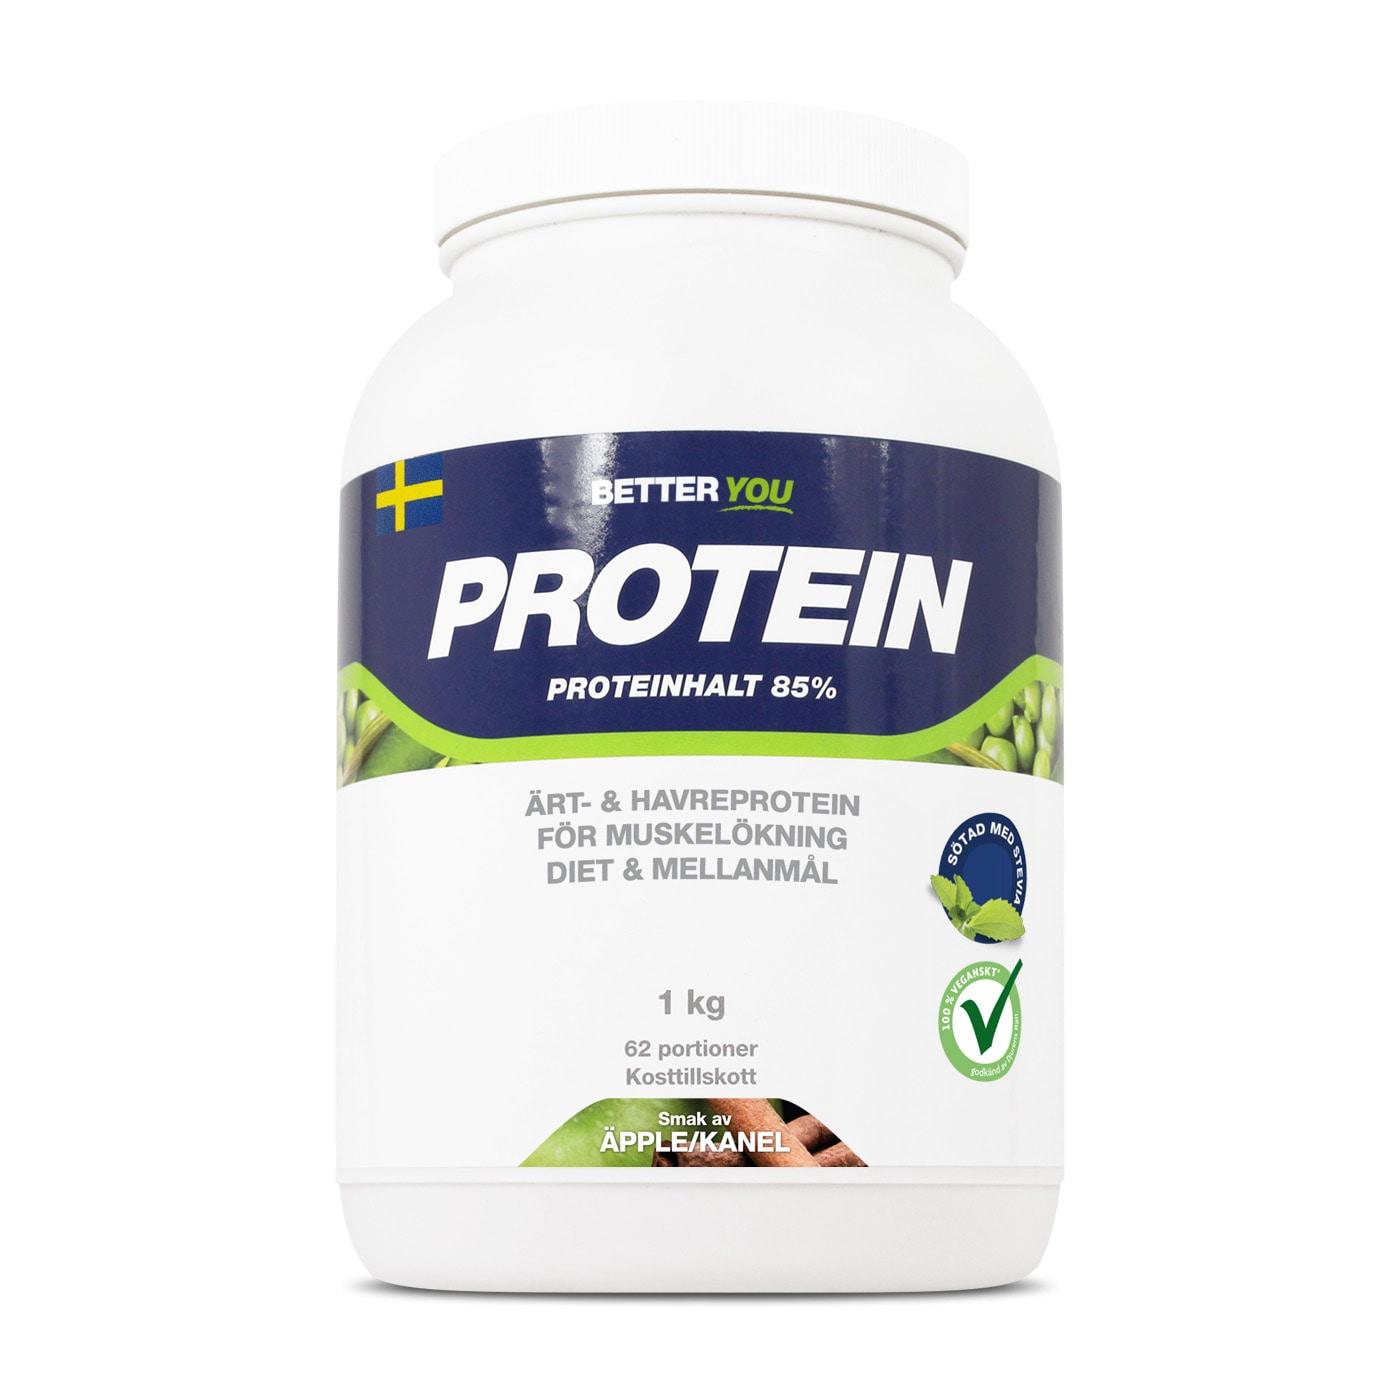 Ärt- och havreprotein